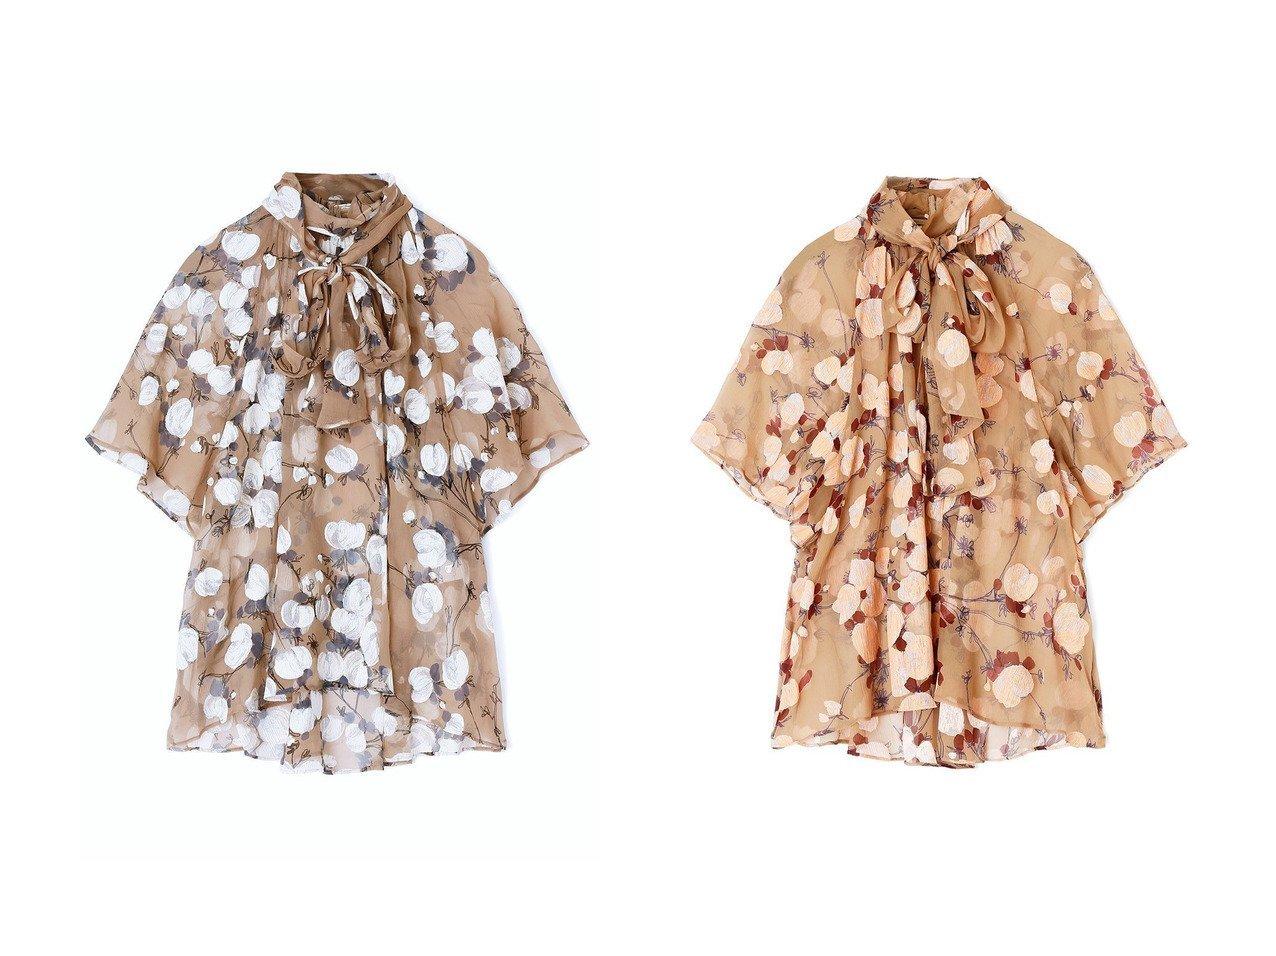 【ANAYI/アナイ】のペイントフラワープリントボウタイ ブラウス 【トップス・カットソー】おすすめ!人気、トレンド・レディースファッションの通販   おすすめで人気の流行・トレンド、ファッションの通販商品 インテリア・家具・メンズファッション・キッズファッション・レディースファッション・服の通販 founy(ファニー) https://founy.com/ ファッション Fashion レディースファッション WOMEN トップス・カットソー Tops/Tshirt シャツ/ブラウス Shirts/Blouses 花柄・フラワープリント・モチーフ Flower Patterns 2020年 2020 2020-2021秋冬・A/W AW・Autumn/Winter・FW・Fall-Winter/2020-2021 2021年 2021 2021-2022秋冬・A/W AW・Autumn/Winter・FW・Fall-Winter・2021-2022 A/W・秋冬 AW・Autumn/Winter・FW・Fall-Winter キャミソール ショート シルク スリーブ センター フェミニン フラワー フロント プリント リボン 別注 |ID:crp329100000057210